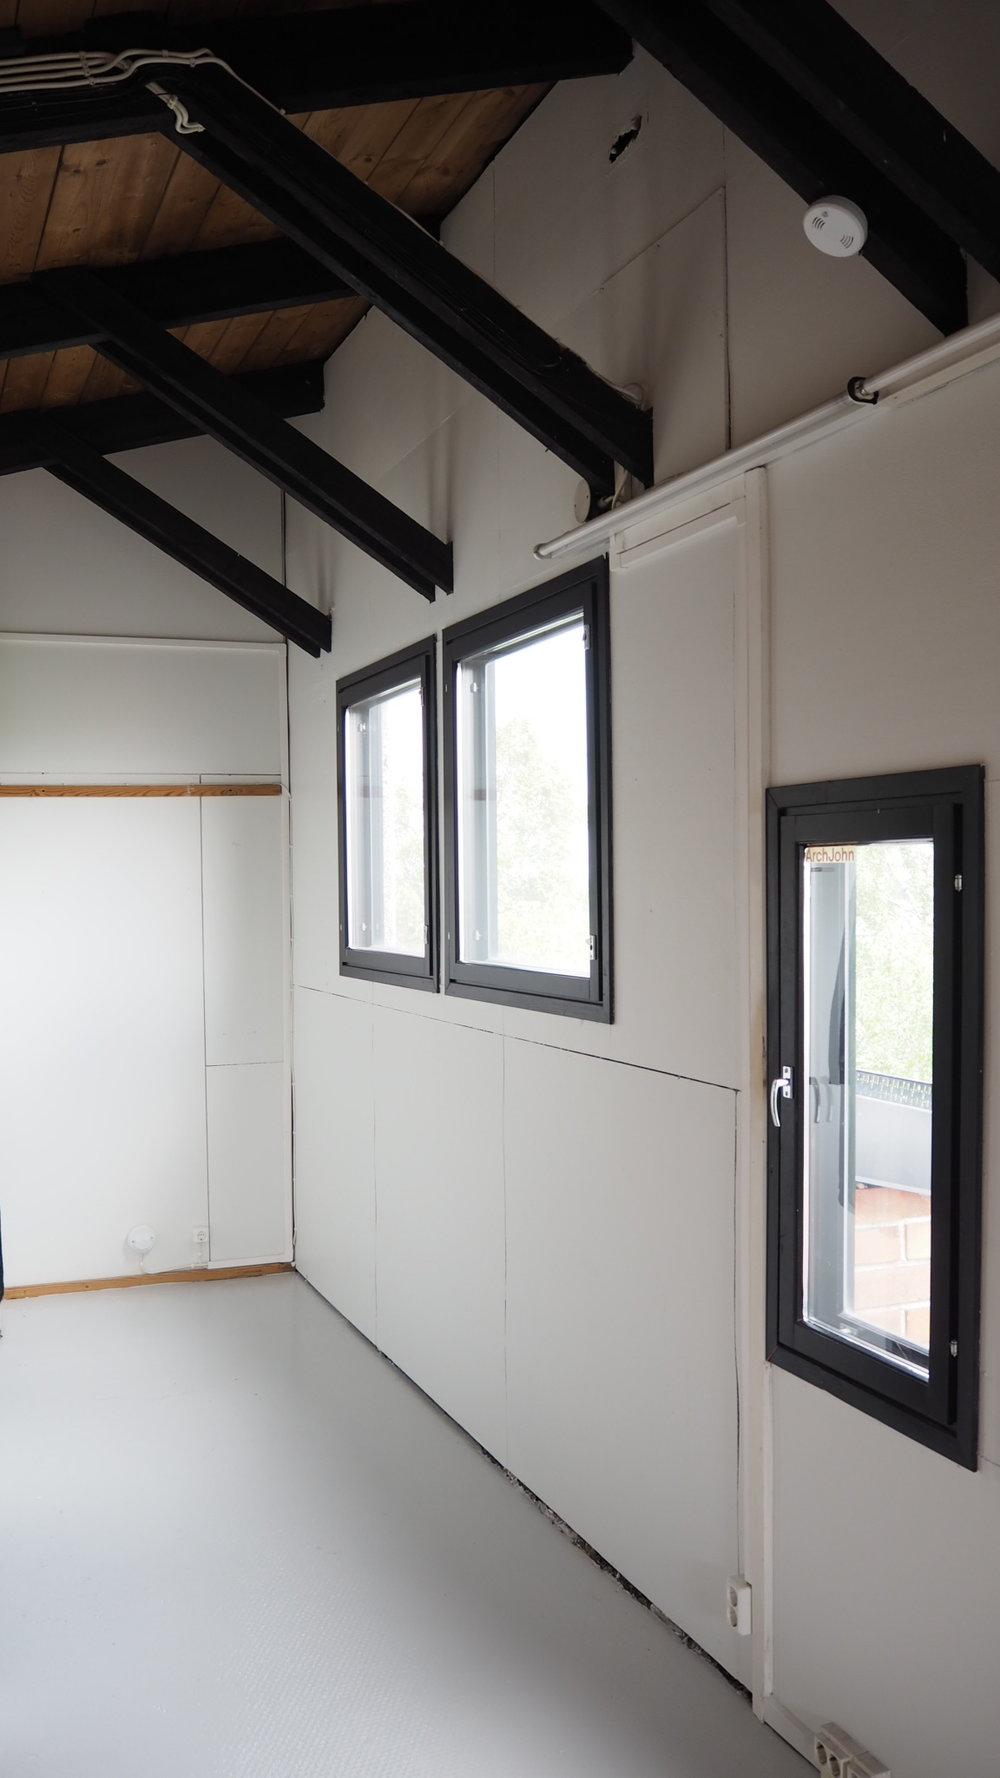 Ensimmäinen eteiskuva. Hissinovi on ikkunoita vastapäätä.